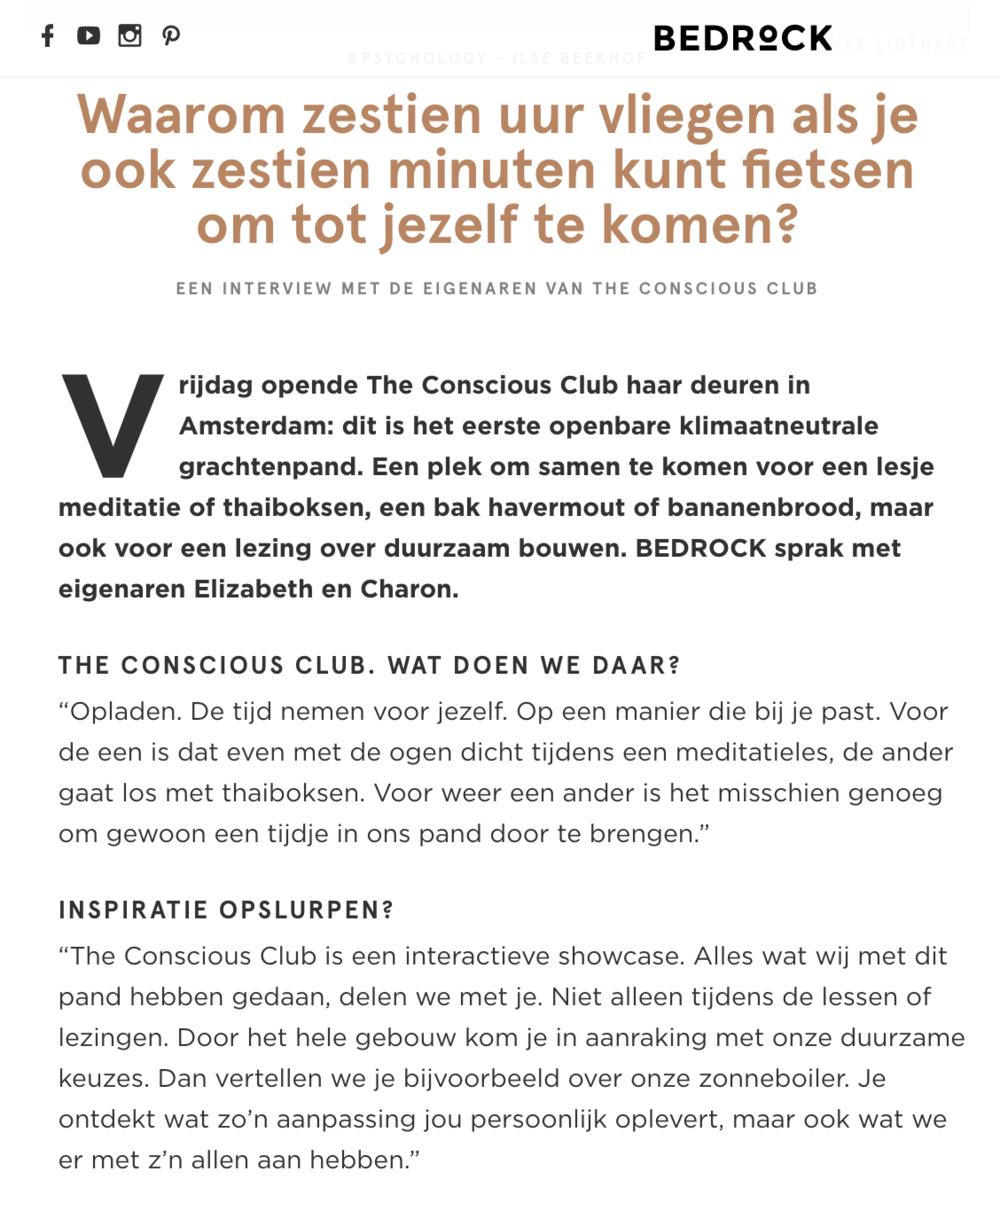 http://www.bedrock.nl/2016/04/24/waarom-zestien-uur-vliegen-als-je-ook-zestien-minuten-kunt-fietsen-om-tot-jezelf-te-komen/